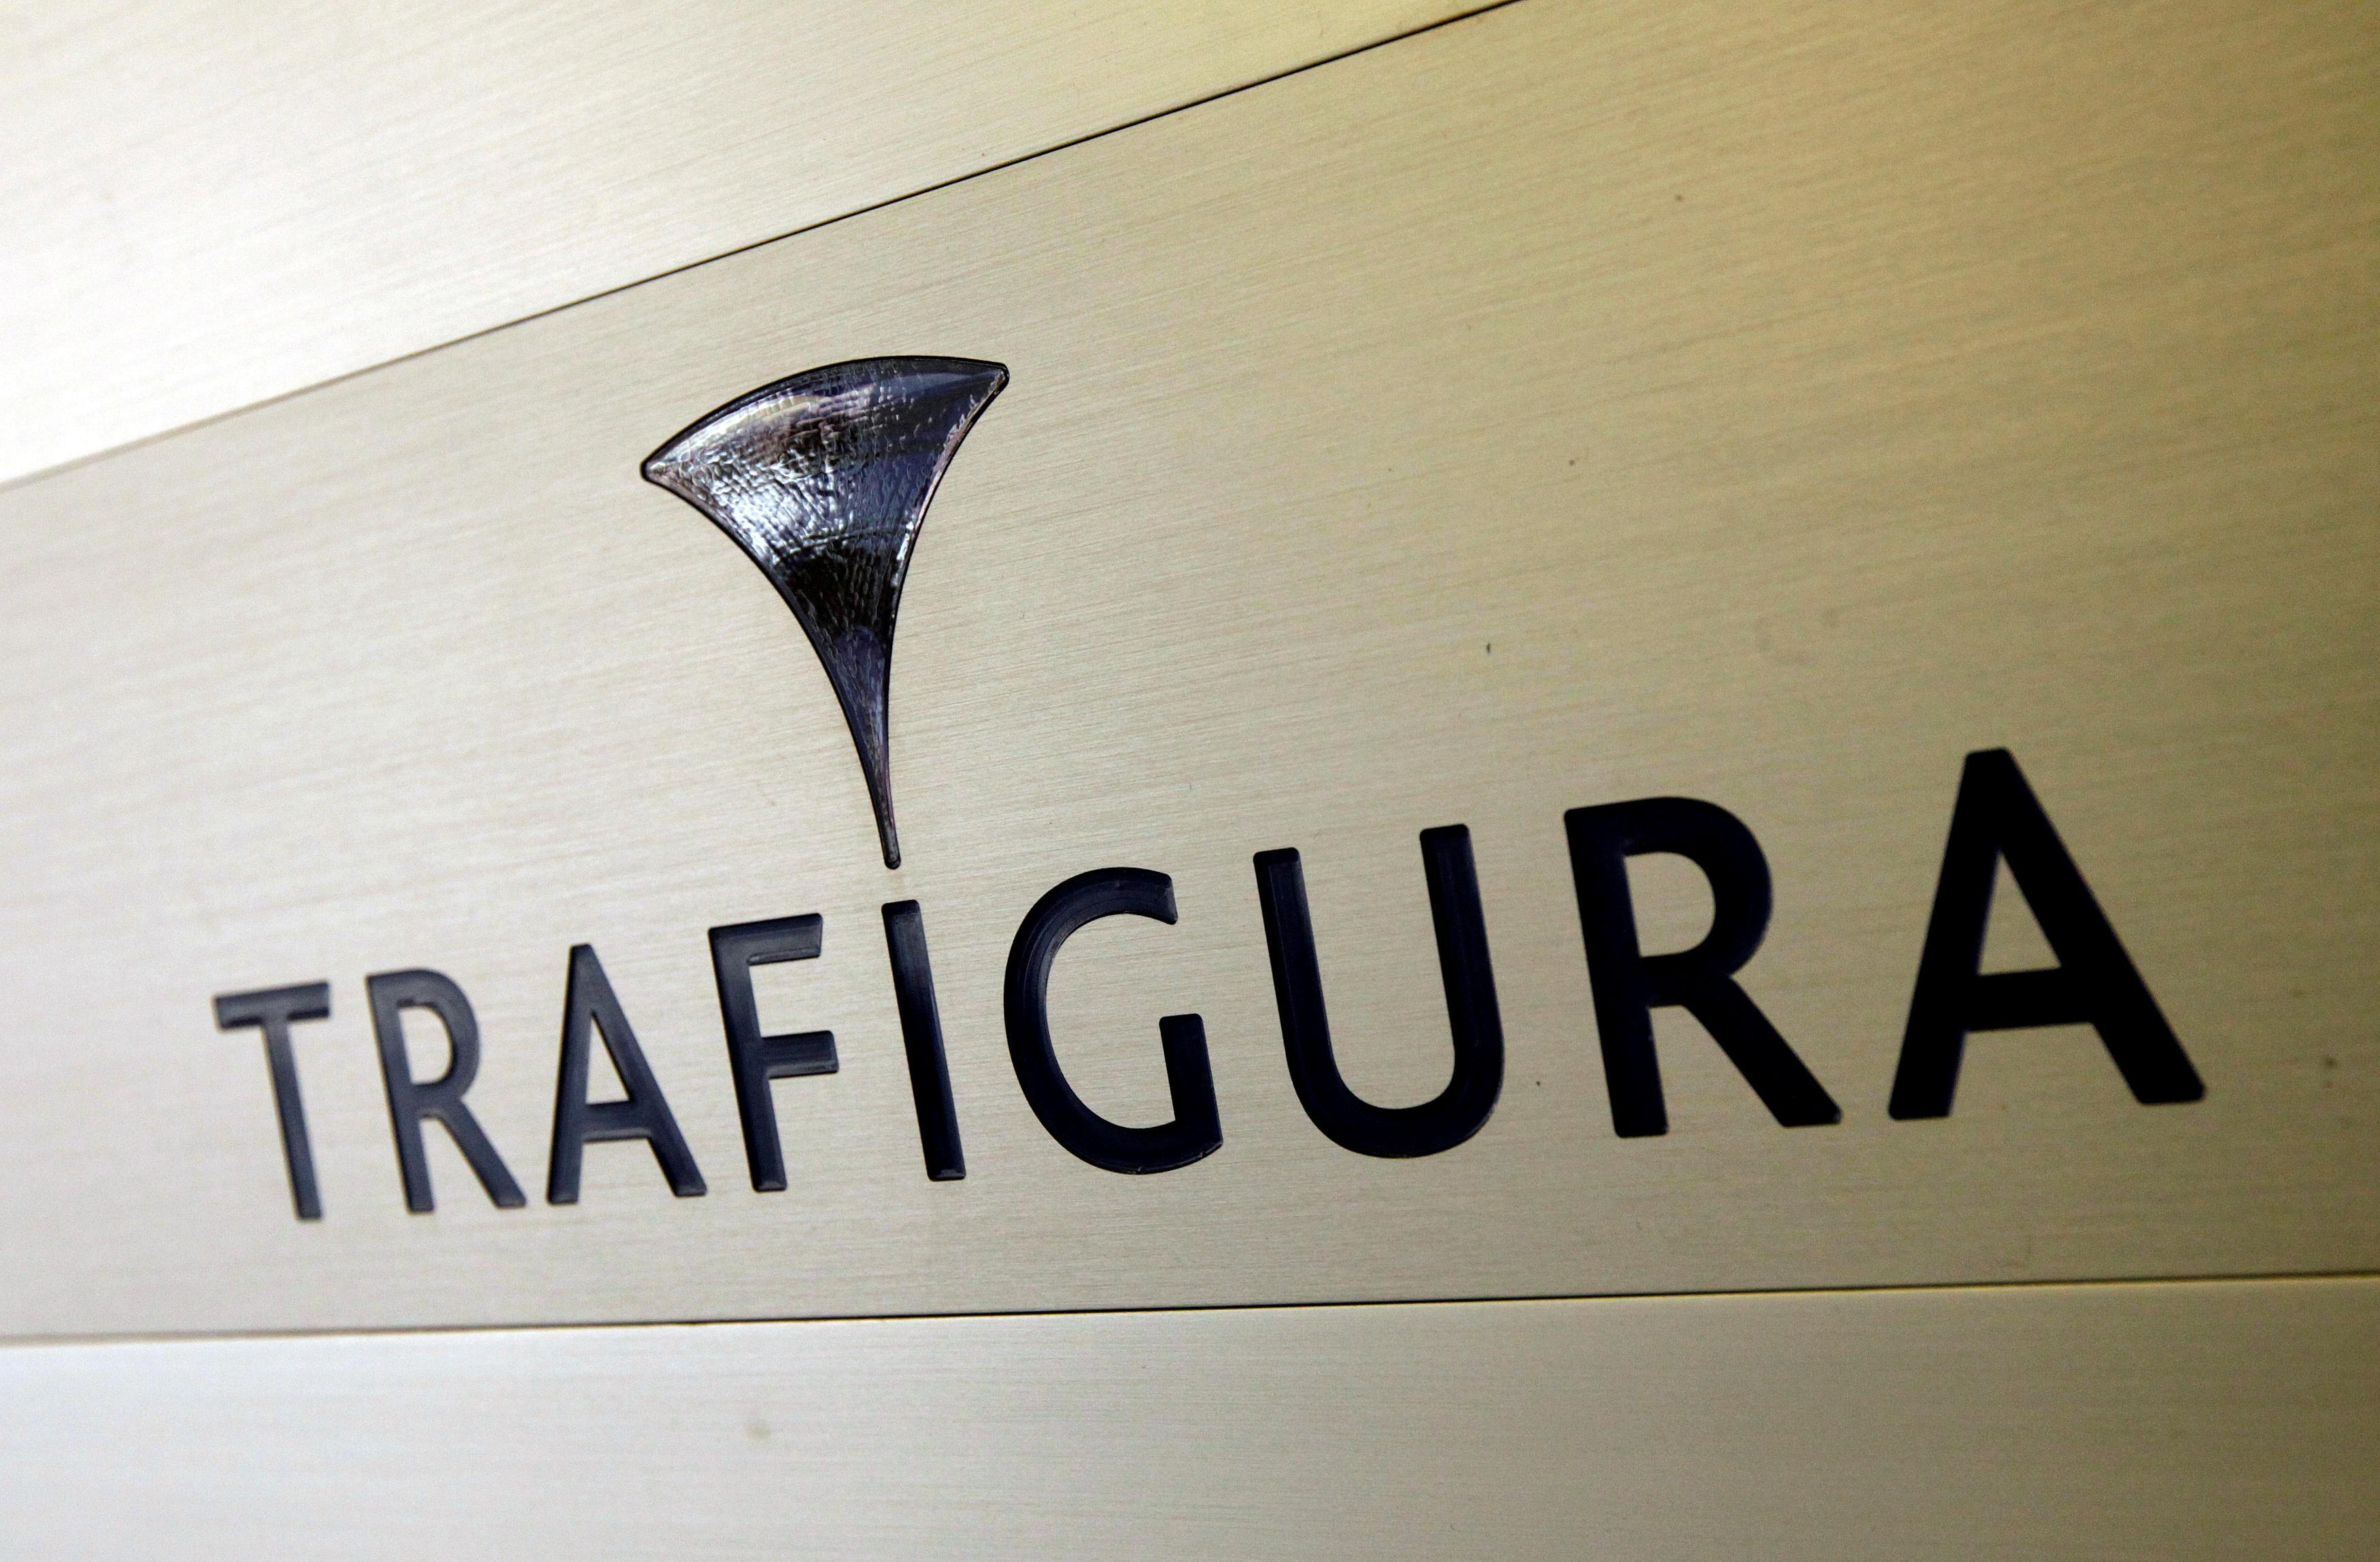 Vitol, rival oil traders in spotlight of Brazil bribery probe - Reuters